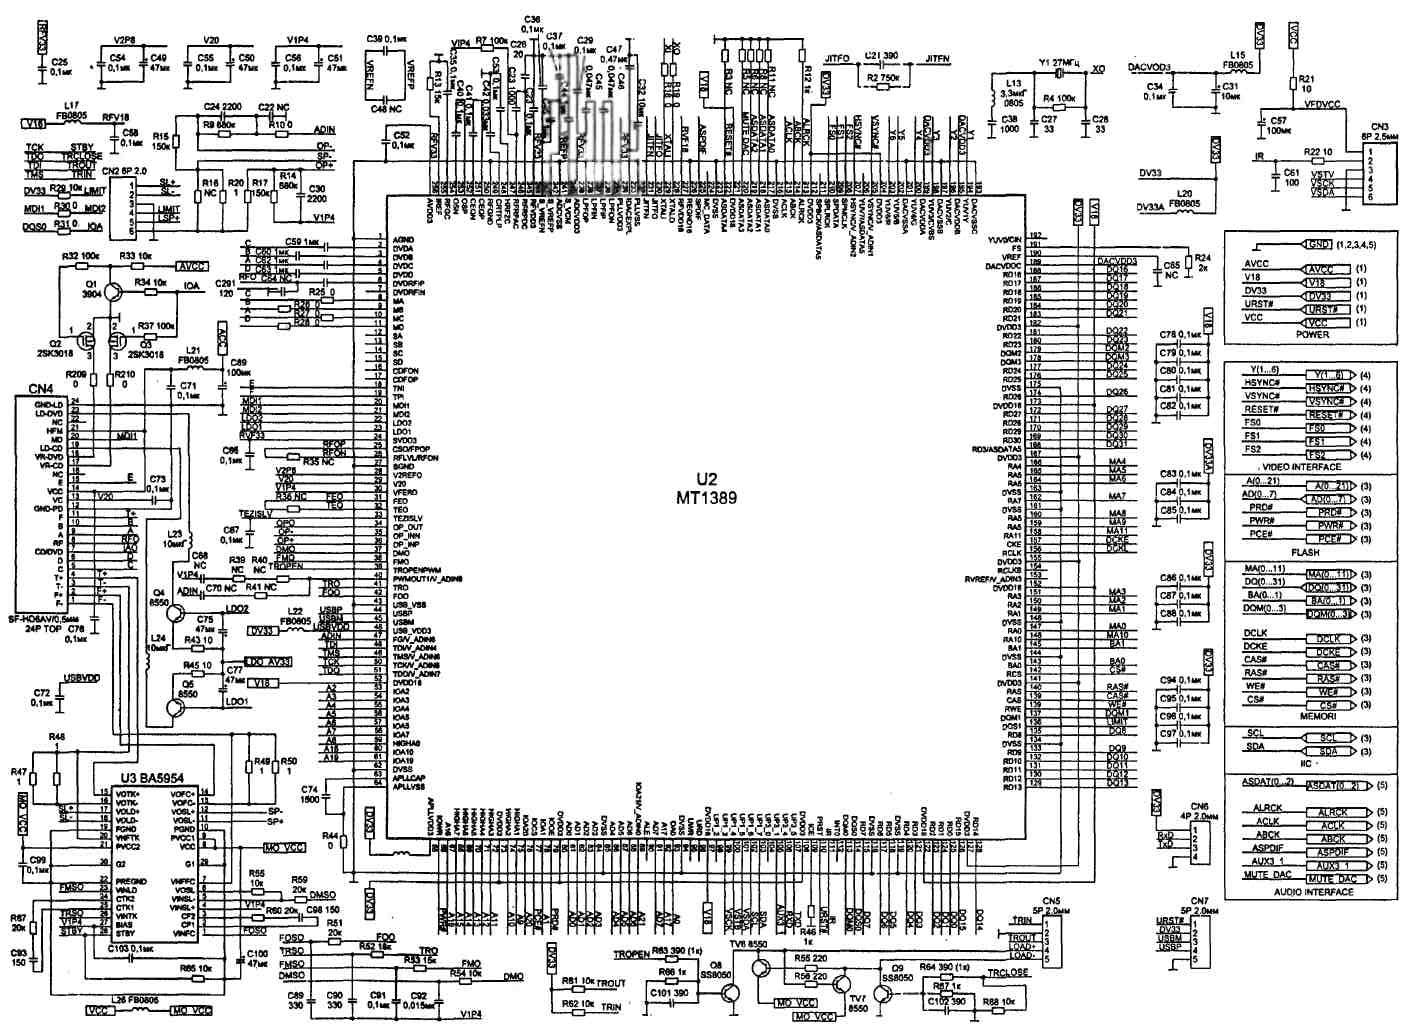 Название: Принципиальная электрическая схема dvd-плеера ВВК Модель dv-975s.